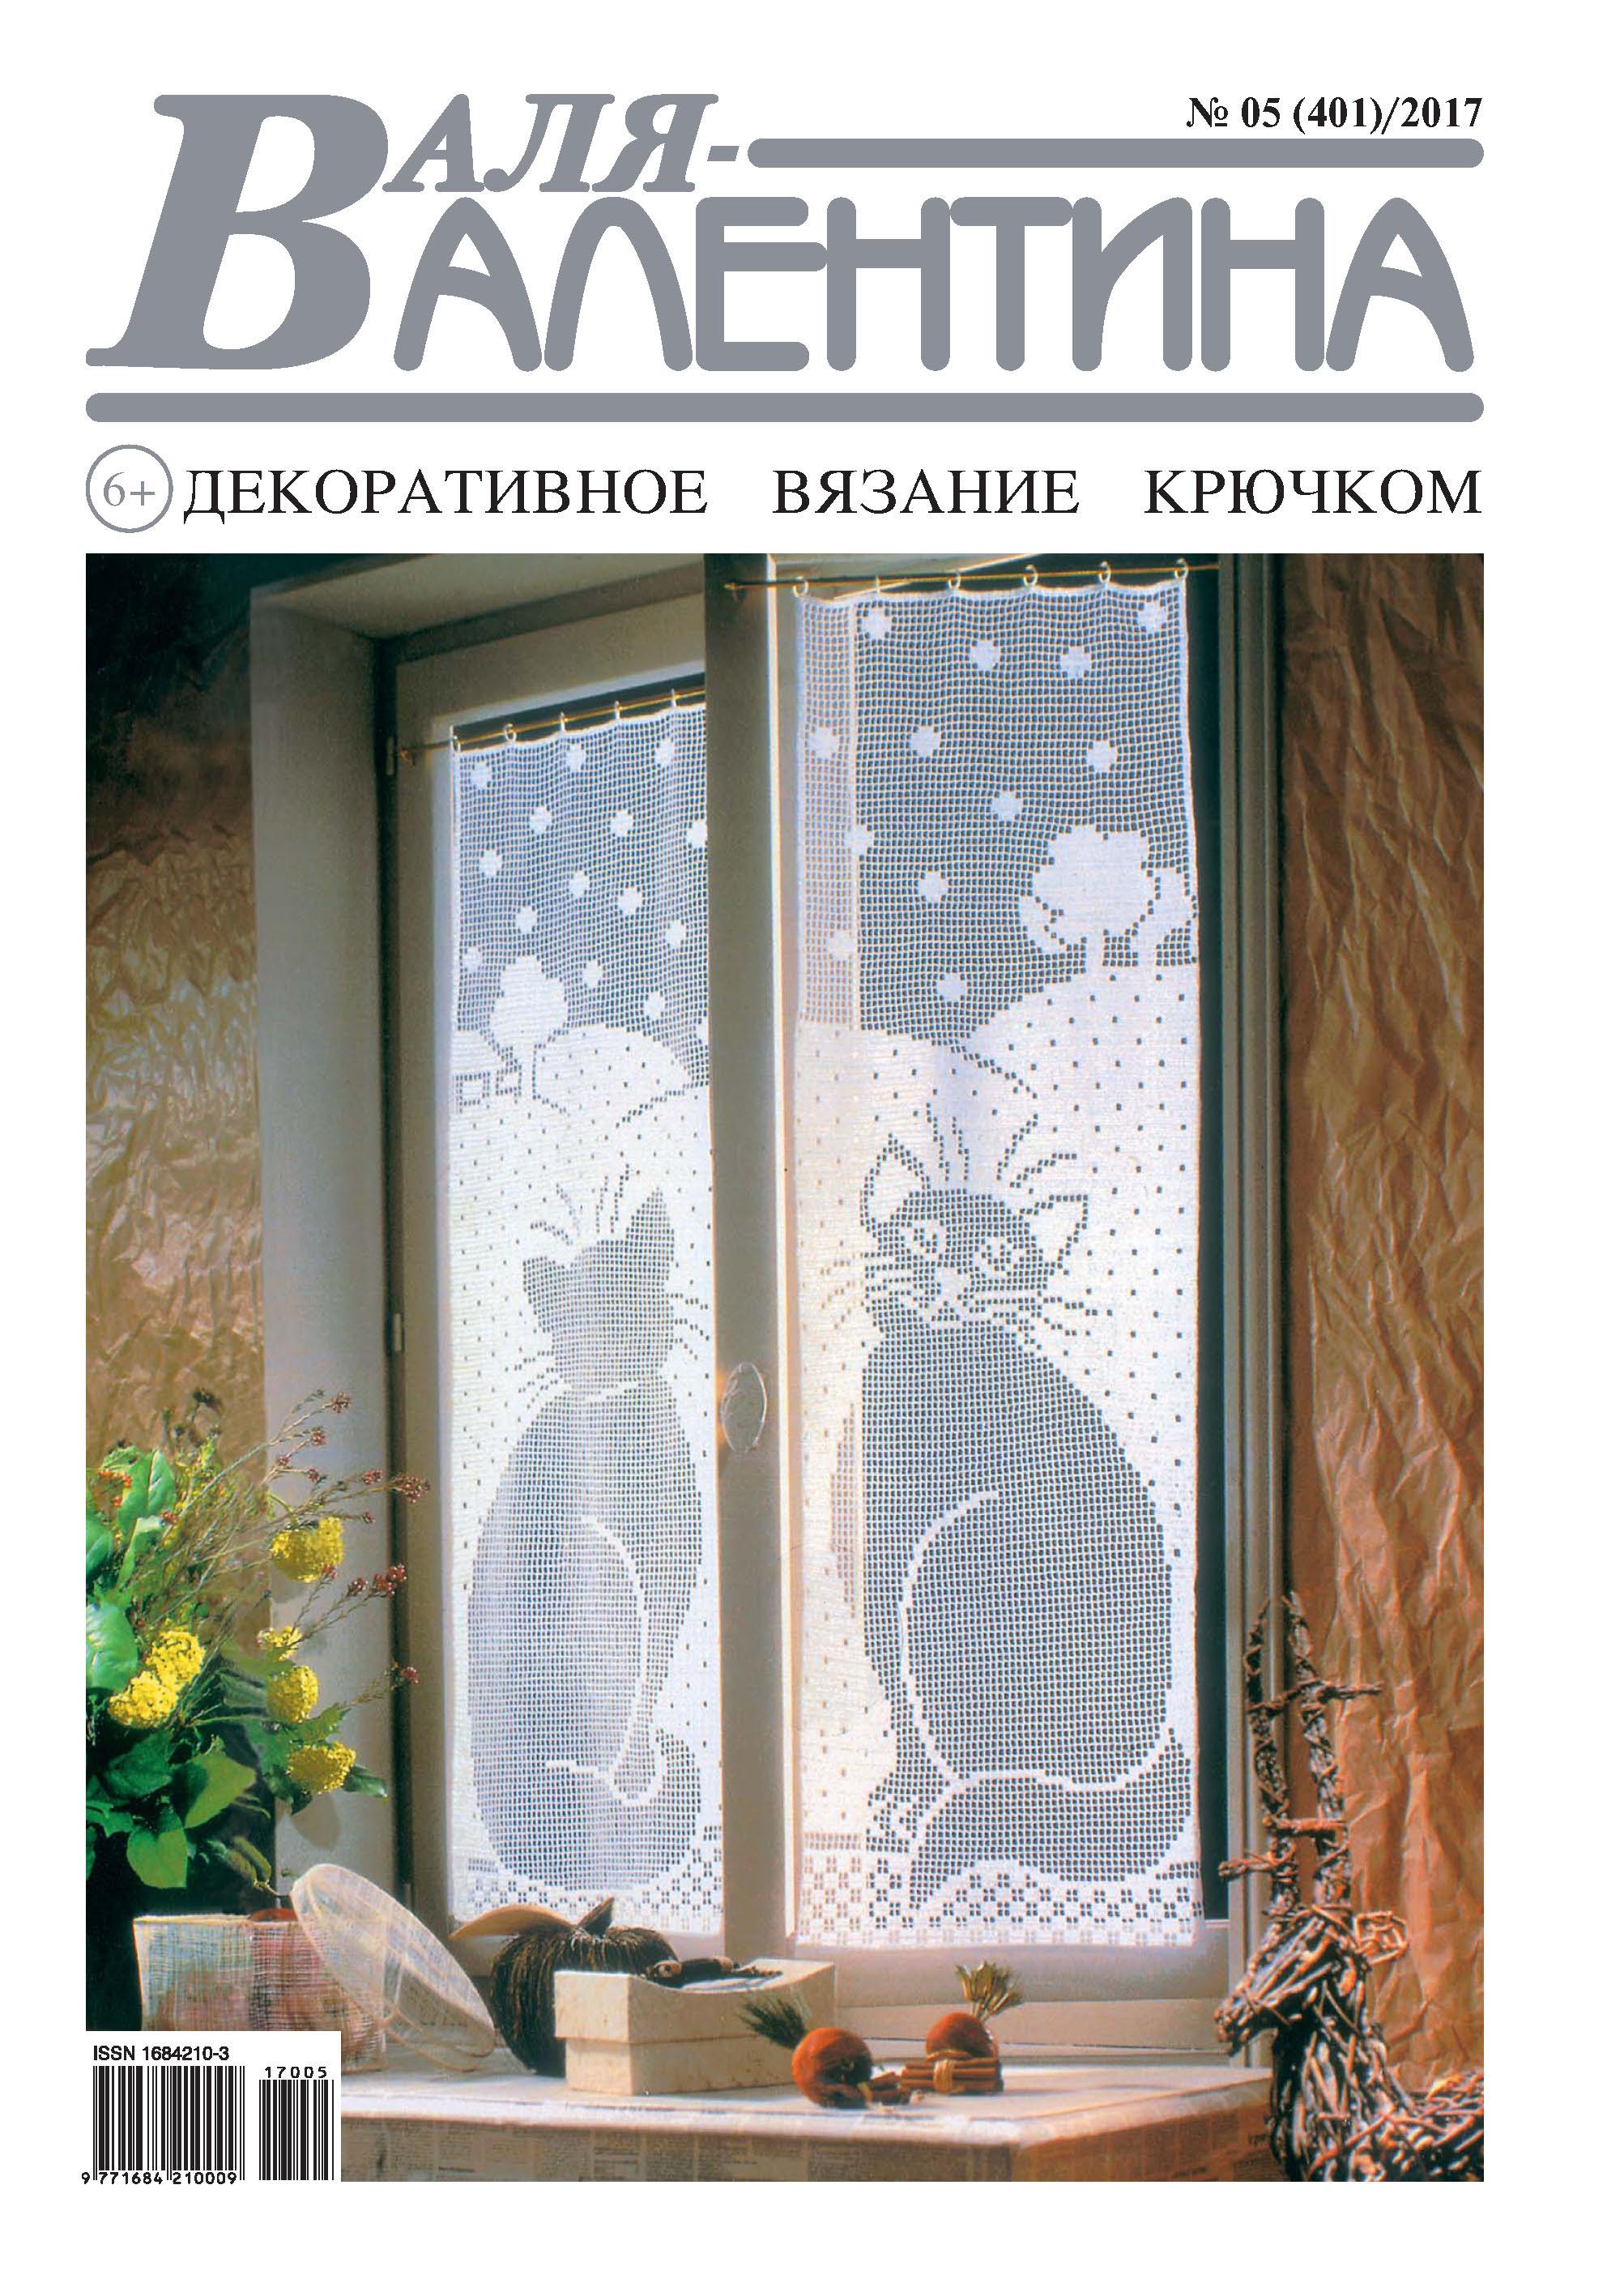 Отсутствует Валя-Валентина. Декоративное вязание крючком. №05/2017